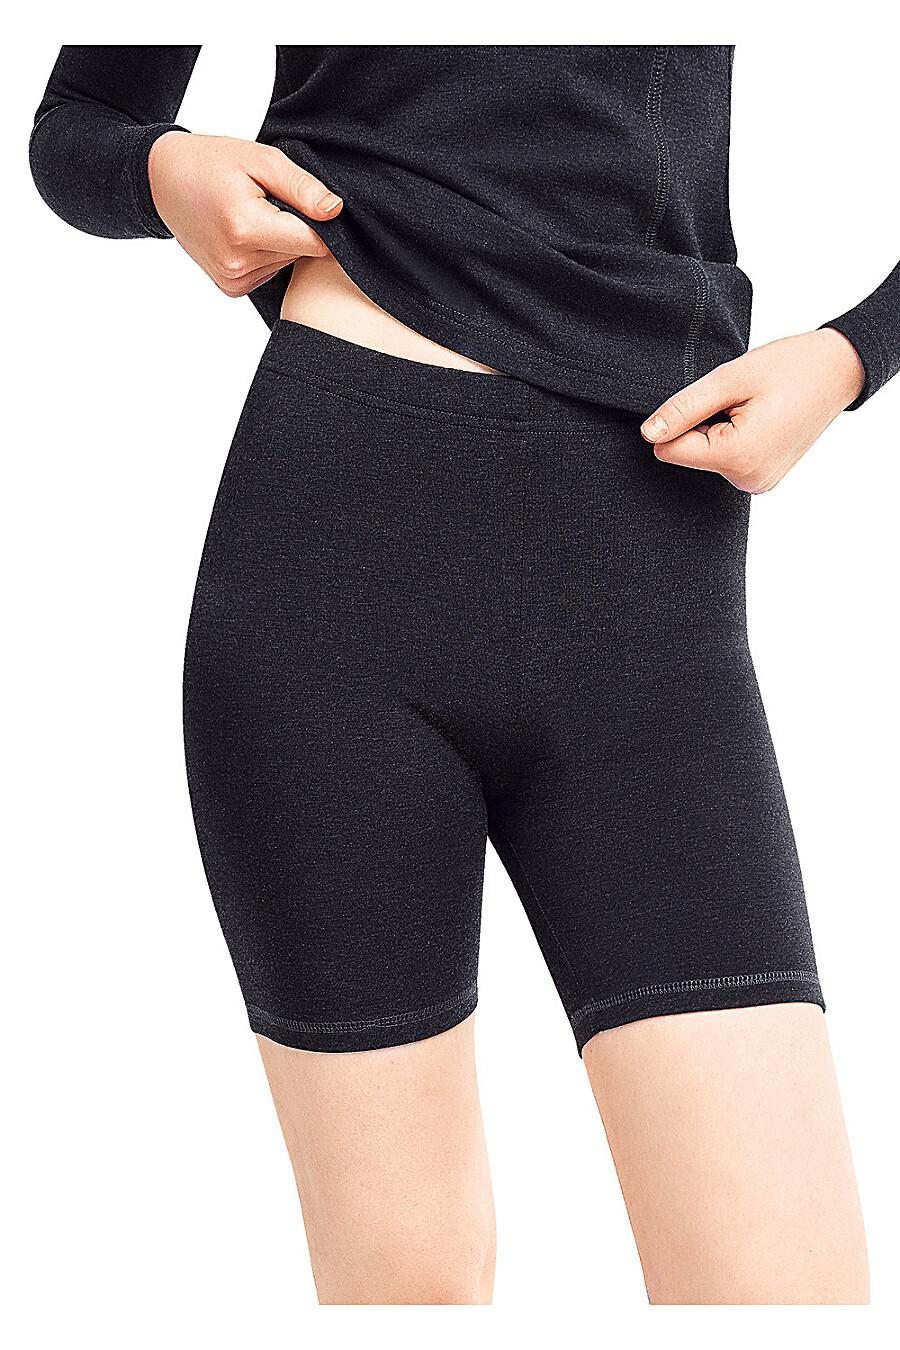 Шорты (Термобелье) для женщин CLEVER 159182 купить оптом от производителя. Совместная покупка женской одежды в OptMoyo